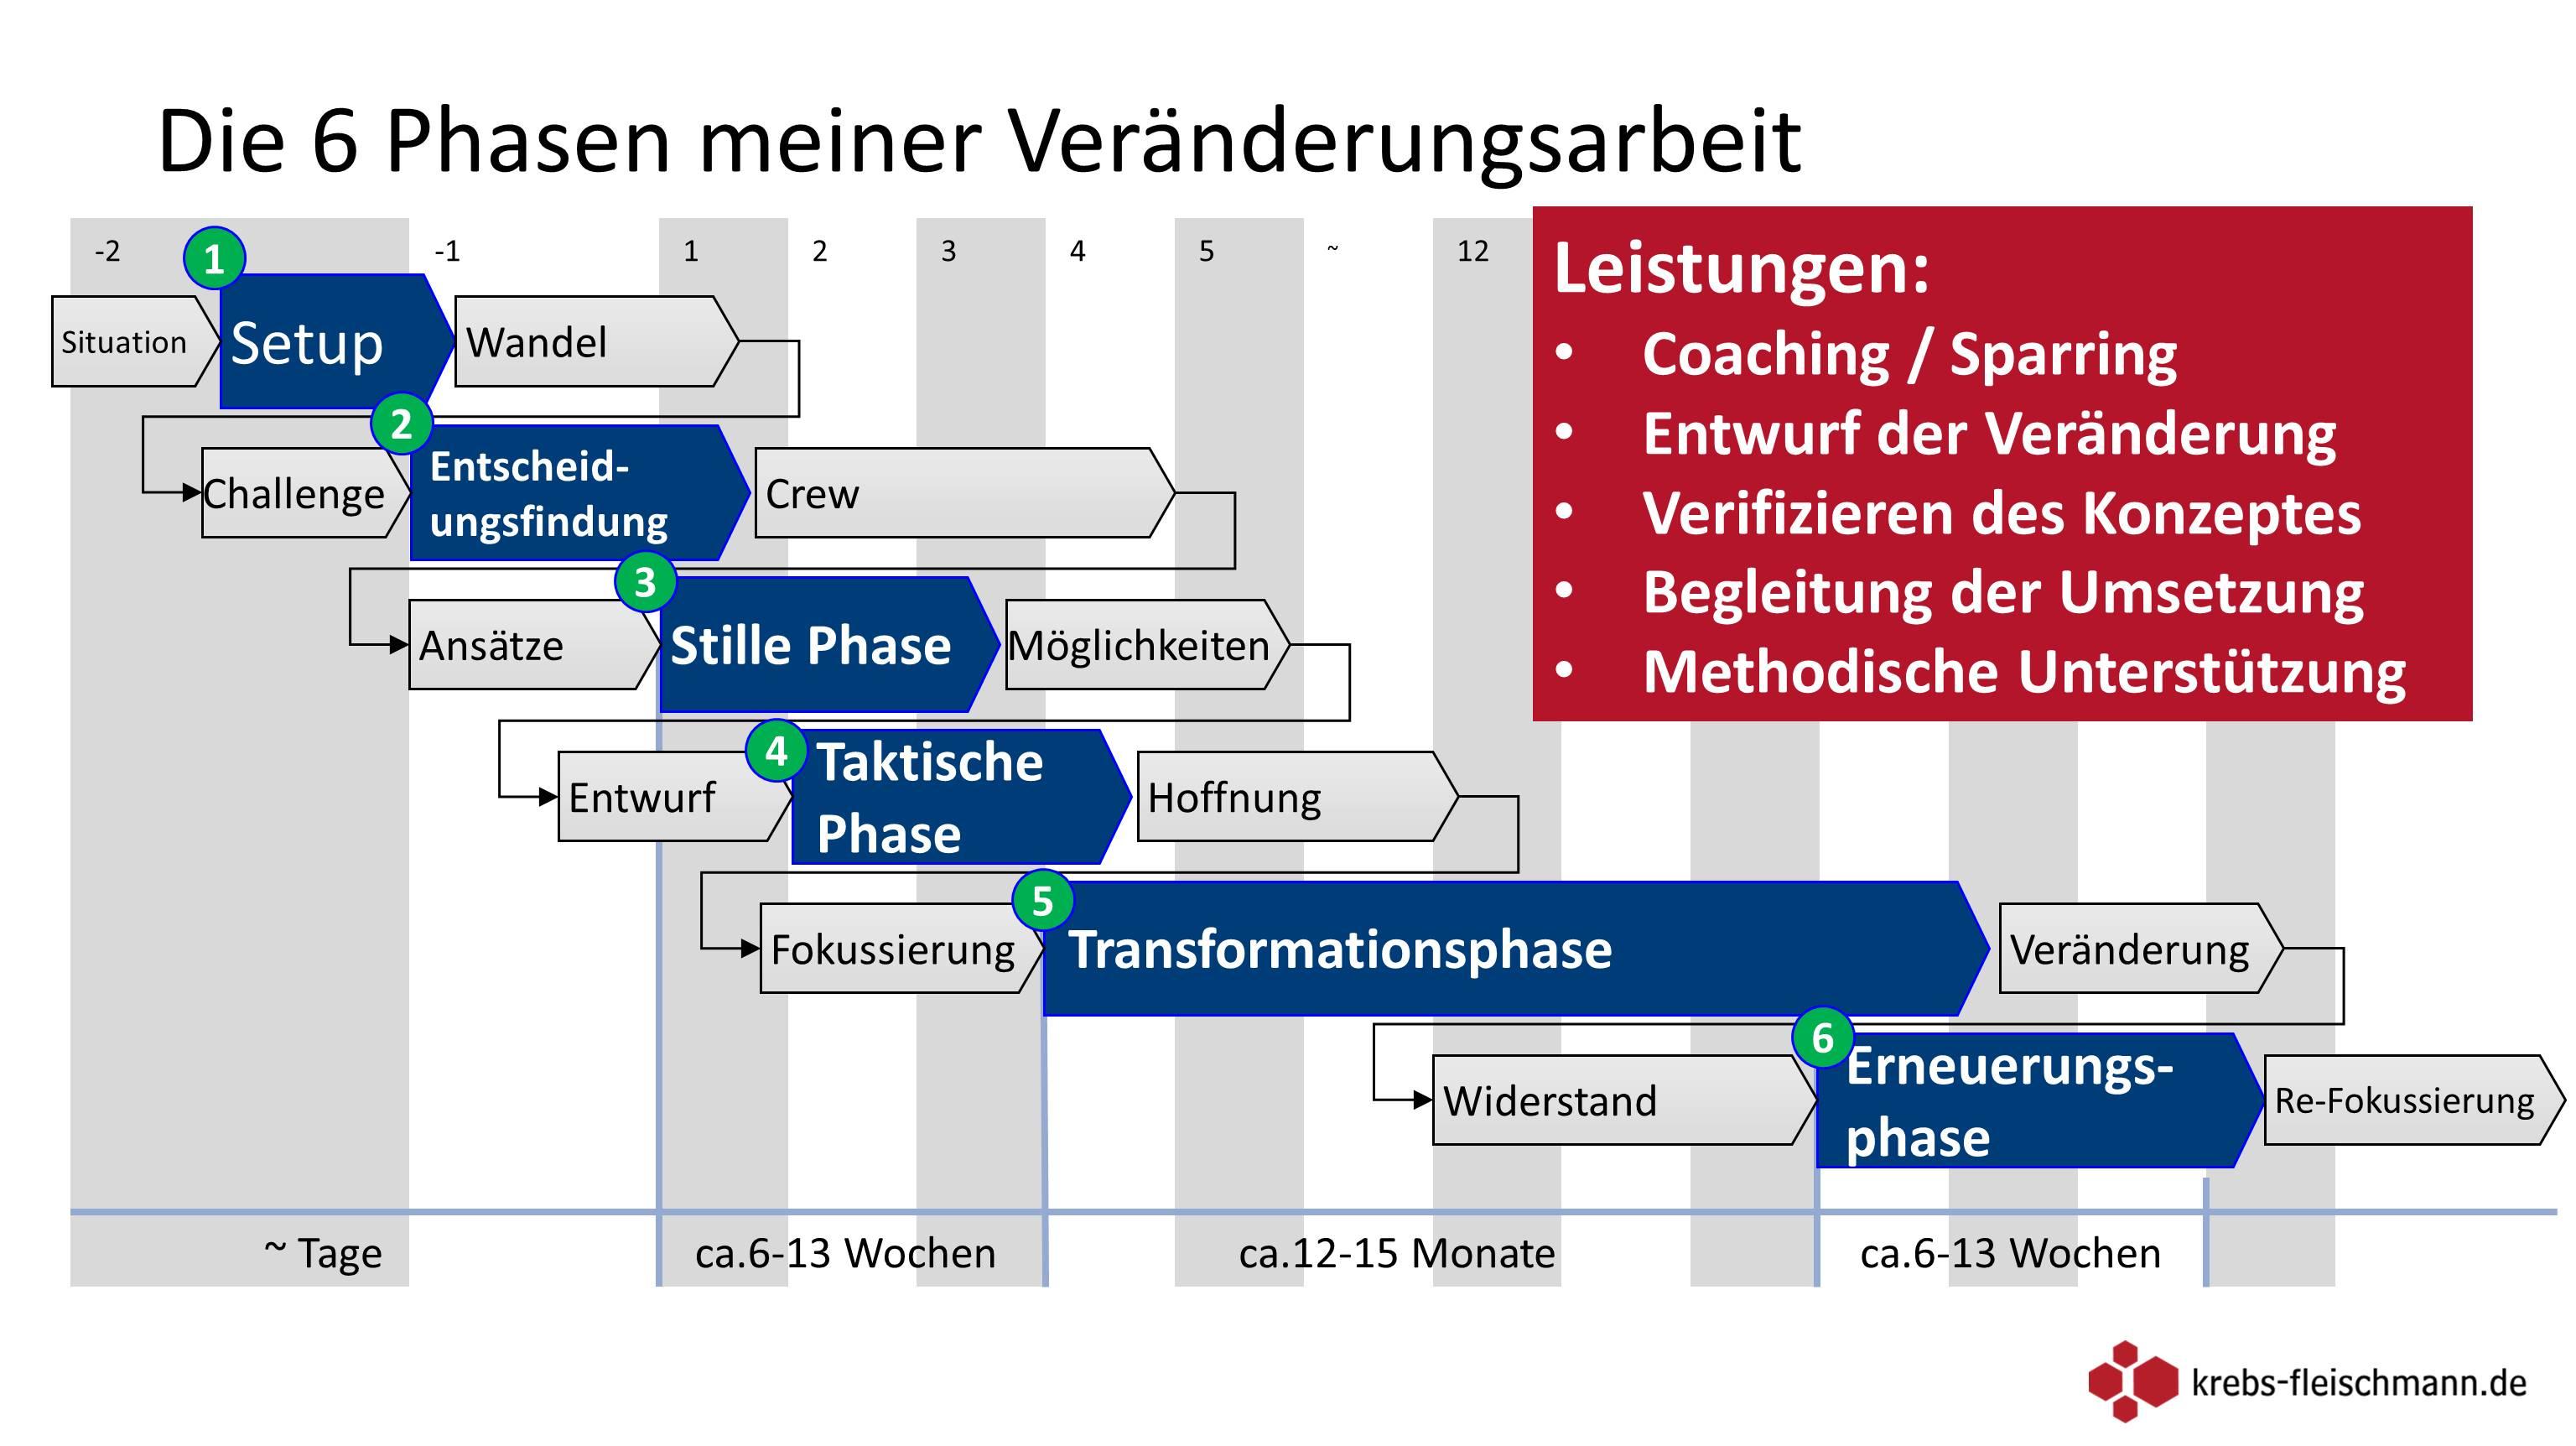 3 phasen des motorischen lernens nissan tiida stereo wiring diagram meine veränderungsarbeit in 6 krebs fleischmann de